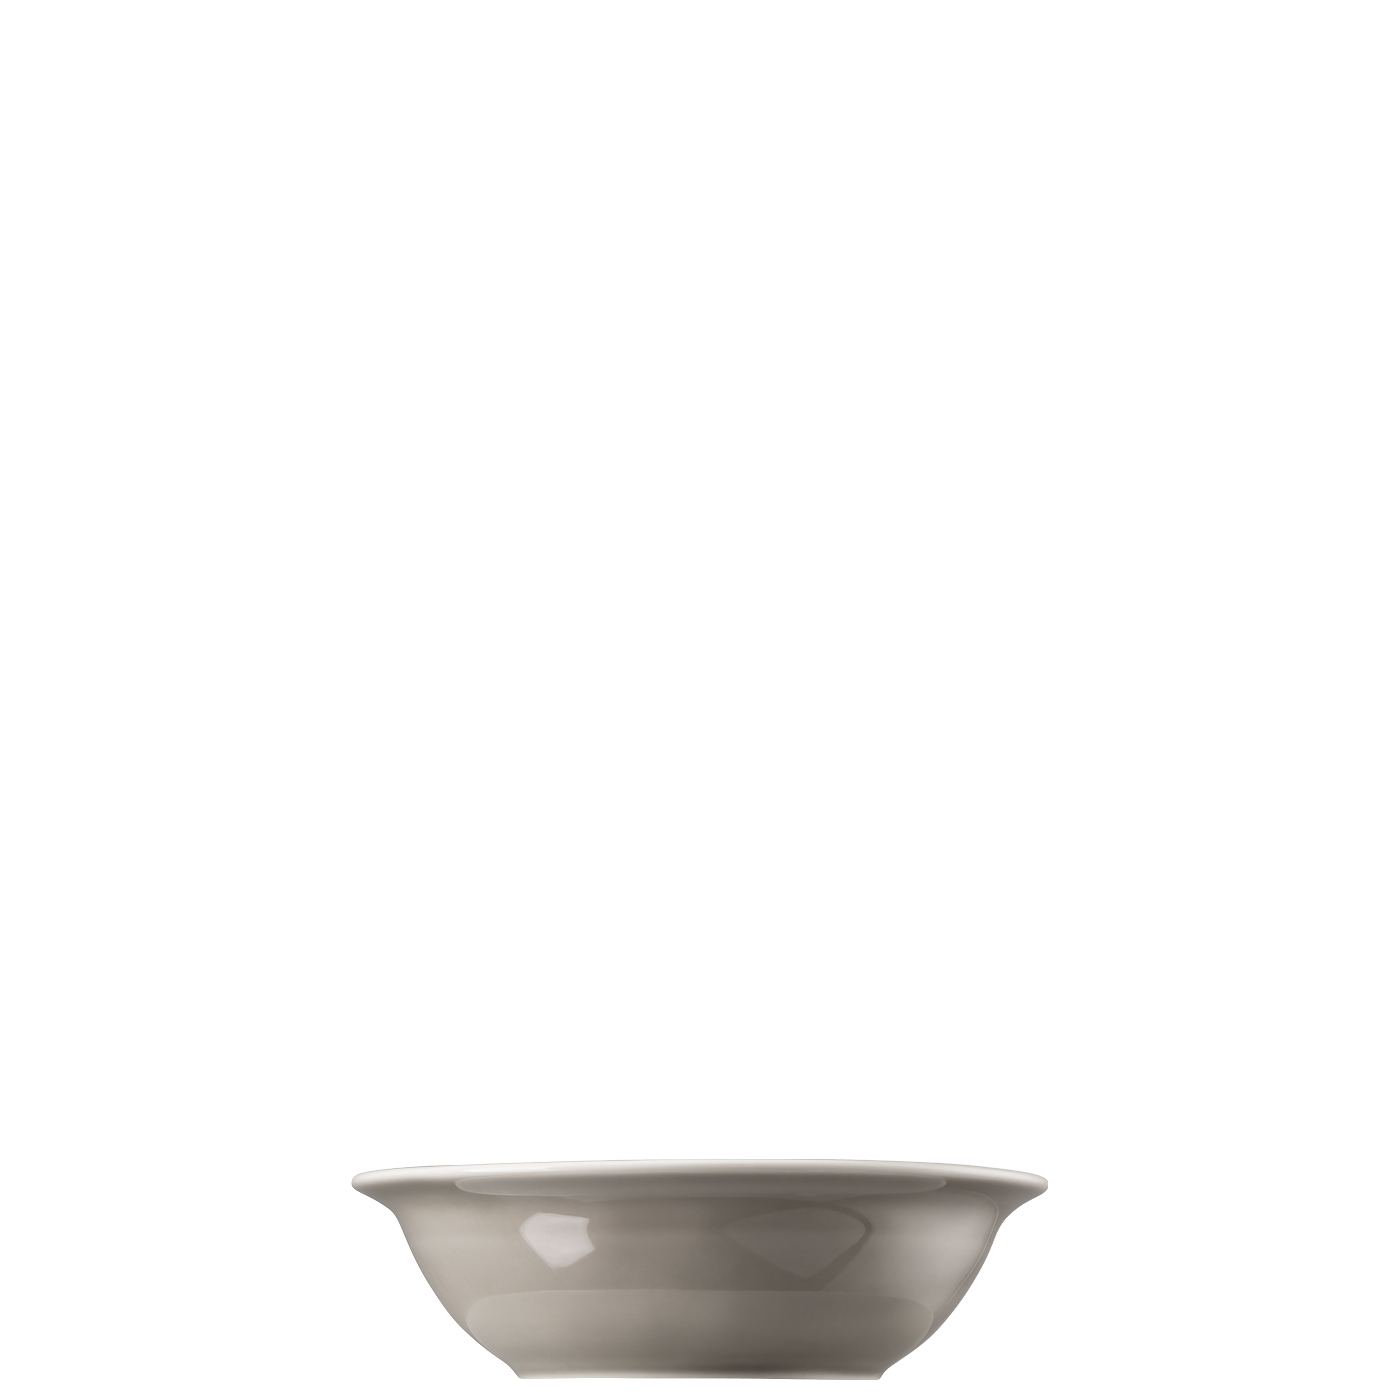 Bowl Trend Colour Moon Grey Thomas Porzellan